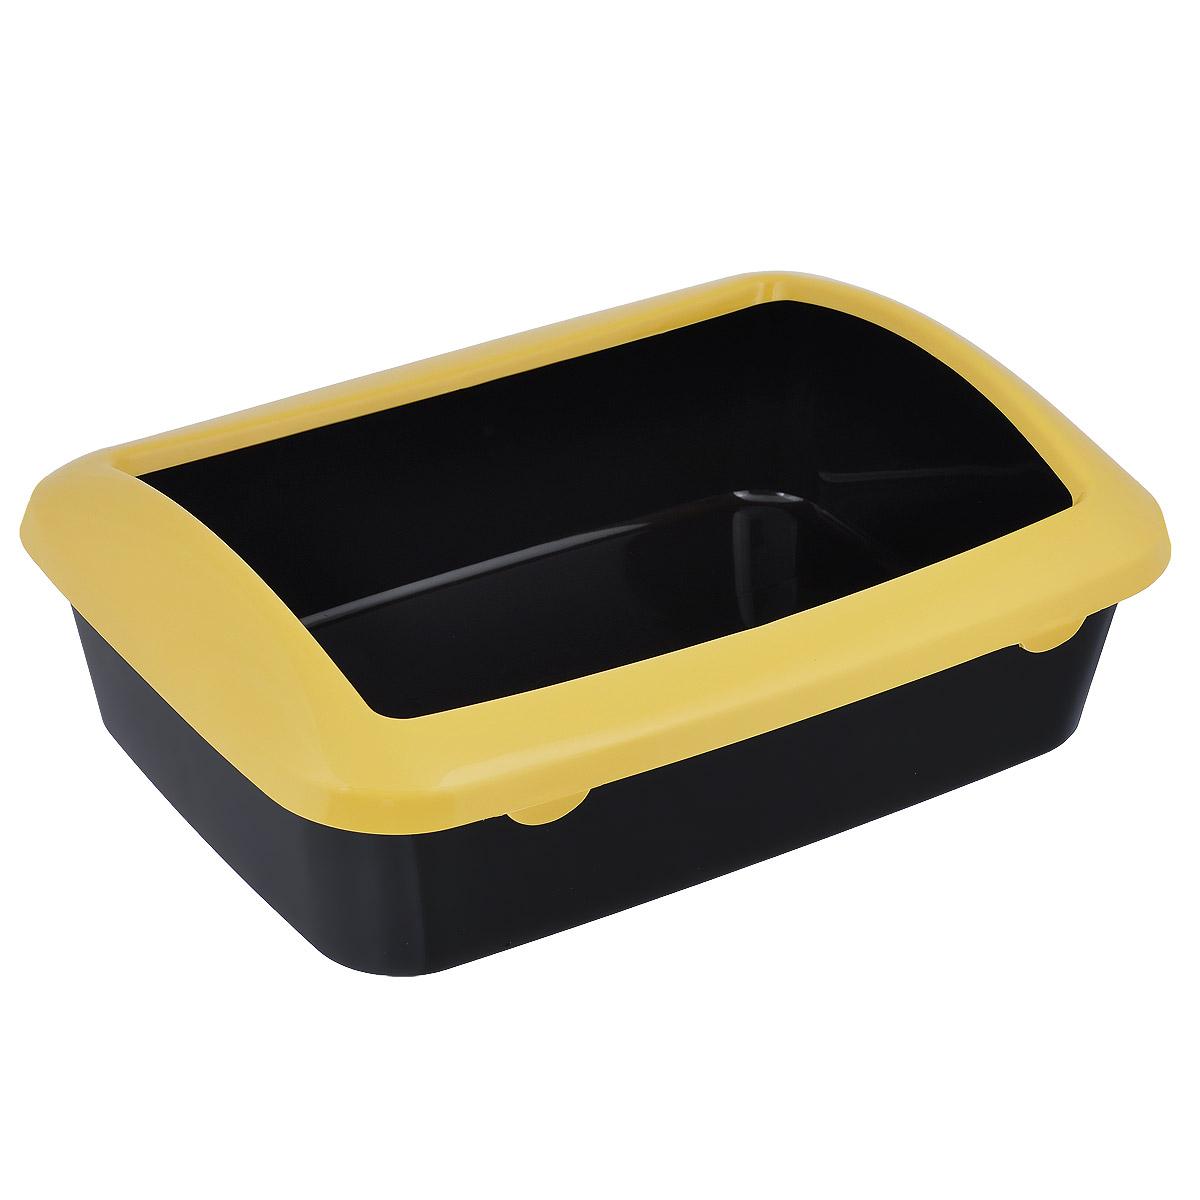 Туалет для кошек Triol, с бортом, цвет черный, желтый, 42 см х 30 см х 14,5 см0120710Туалет для кошек Triol изготовлен из качественного прочного пластика. Высокий цветной борт, прикрепленный по периметру лотка, удобно защелкивается и предотвращает разбрасывание наполнителя. УВАЖАЕМЫЕ КЛИЕНТЫ!Обращаем ваше внимание на цветовой ассортимент товара. Поставка осуществляется в зависимости от наличия на складе.